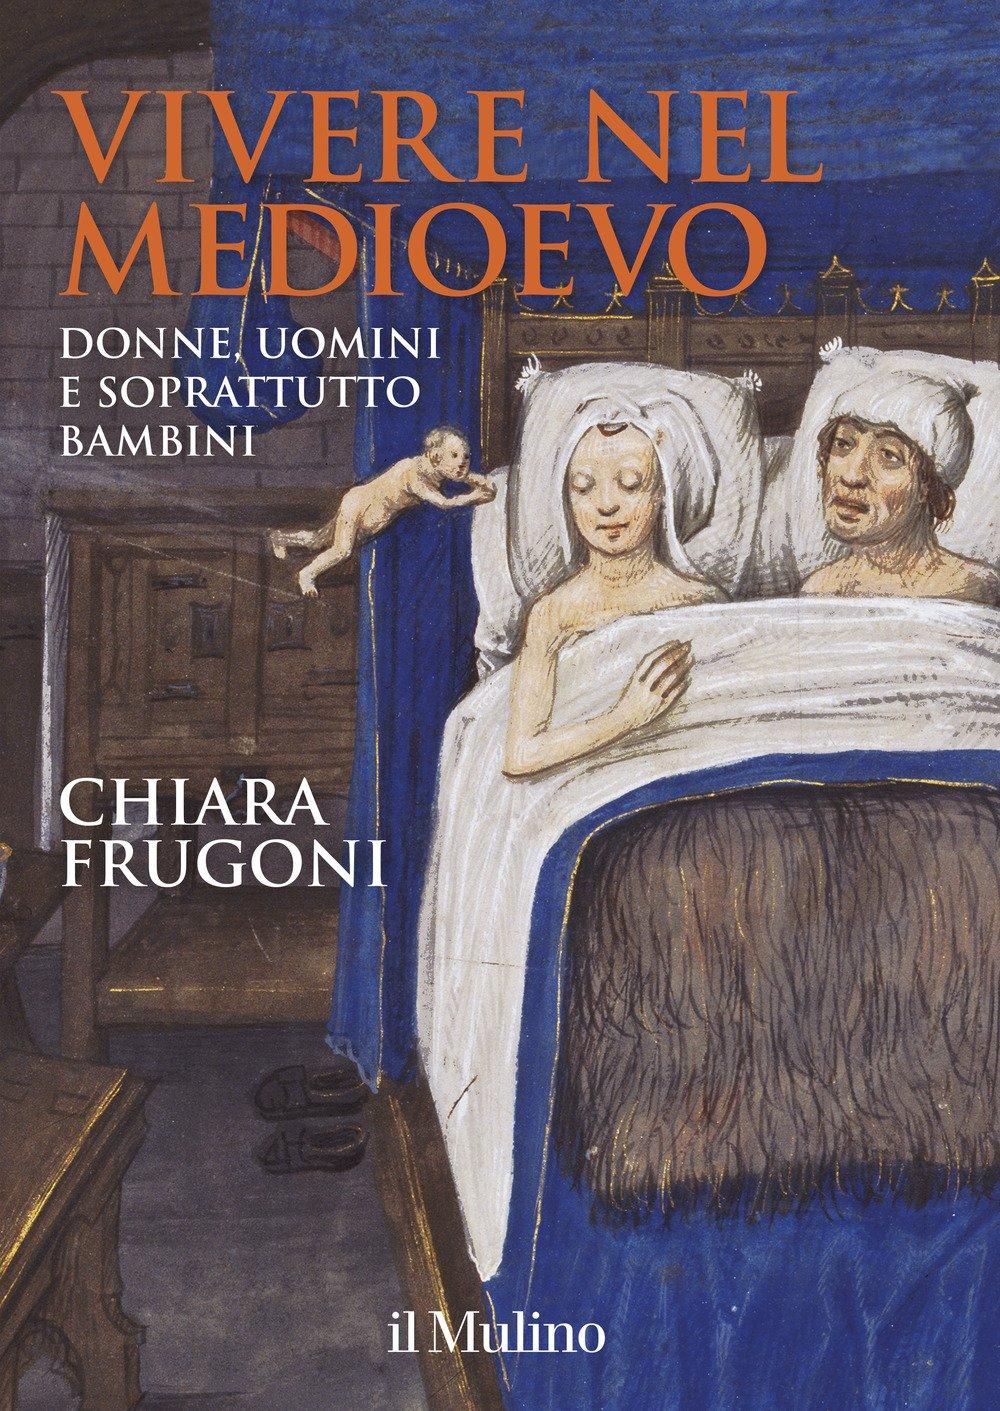 Chiara Frugoni